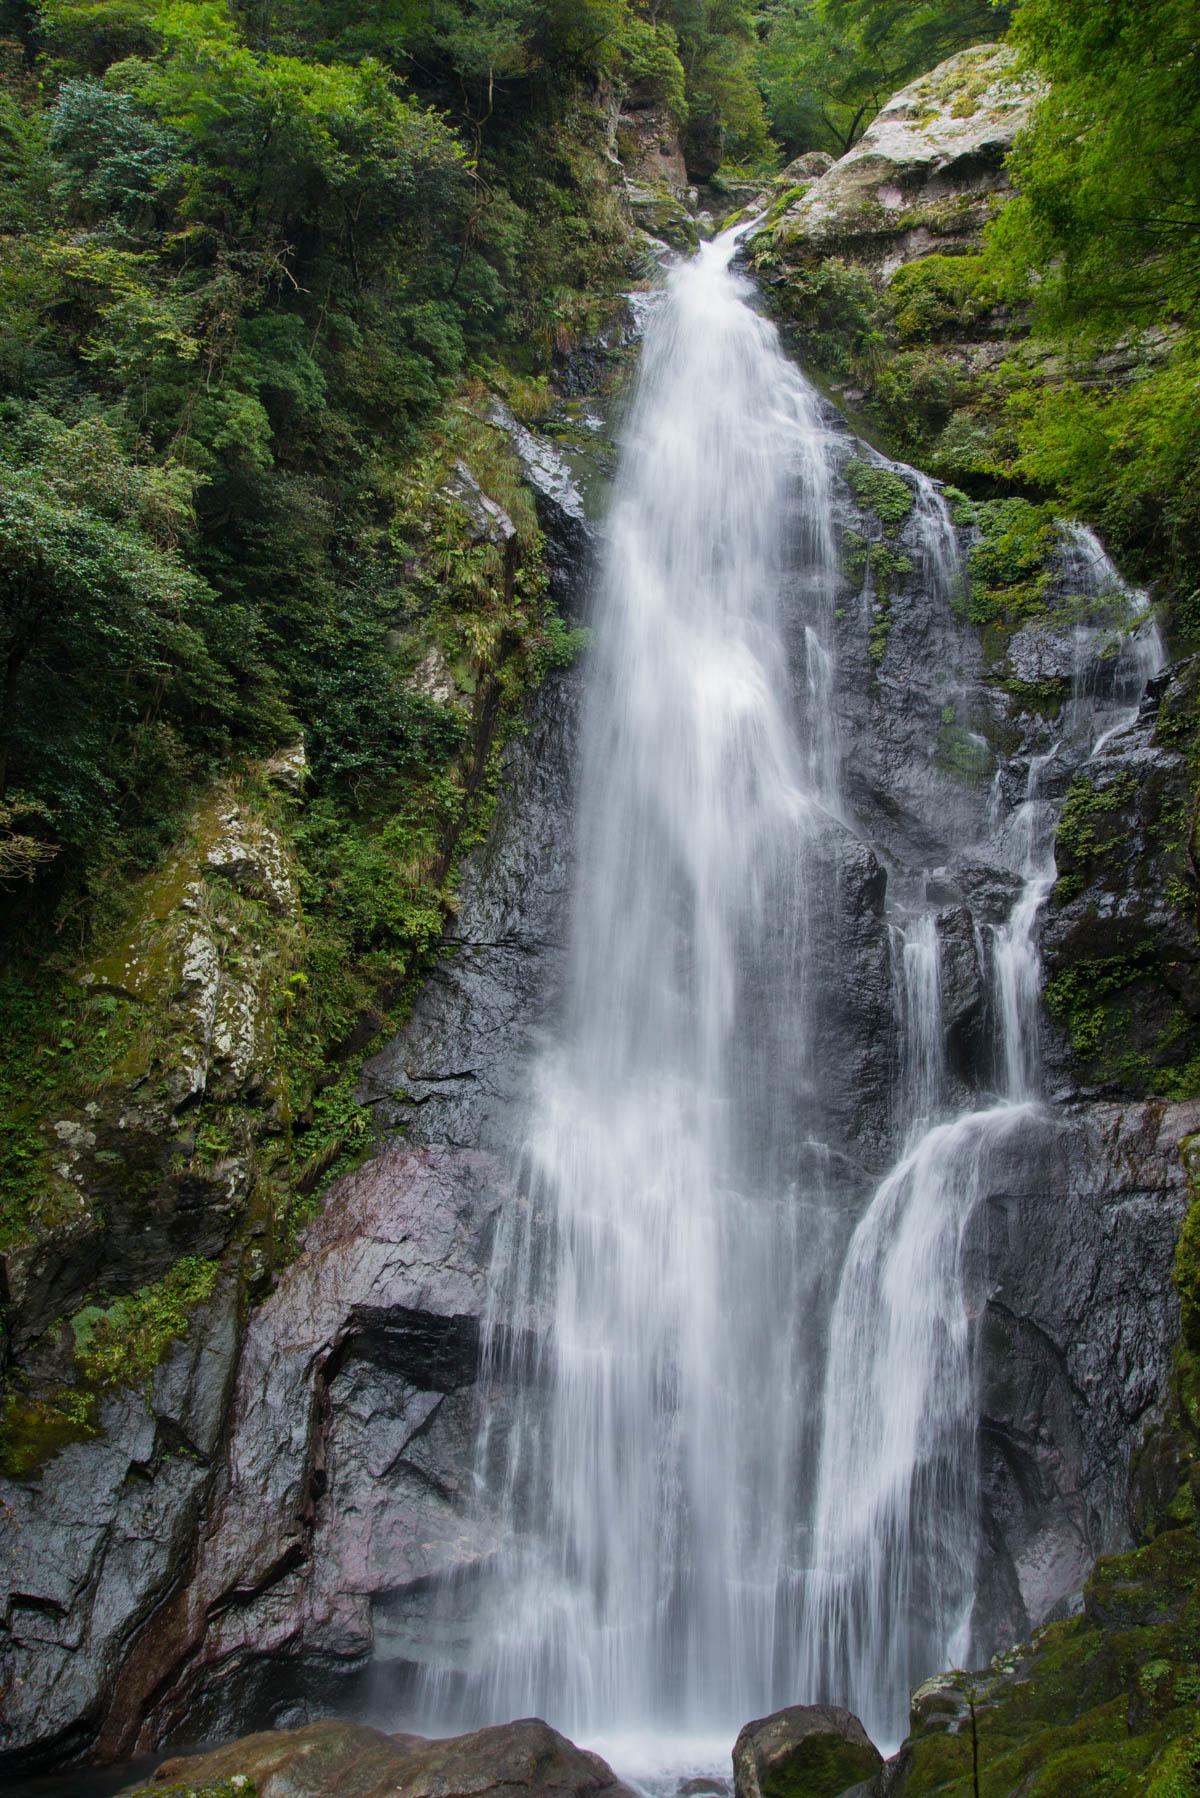 愛媛県の魔戸の滝